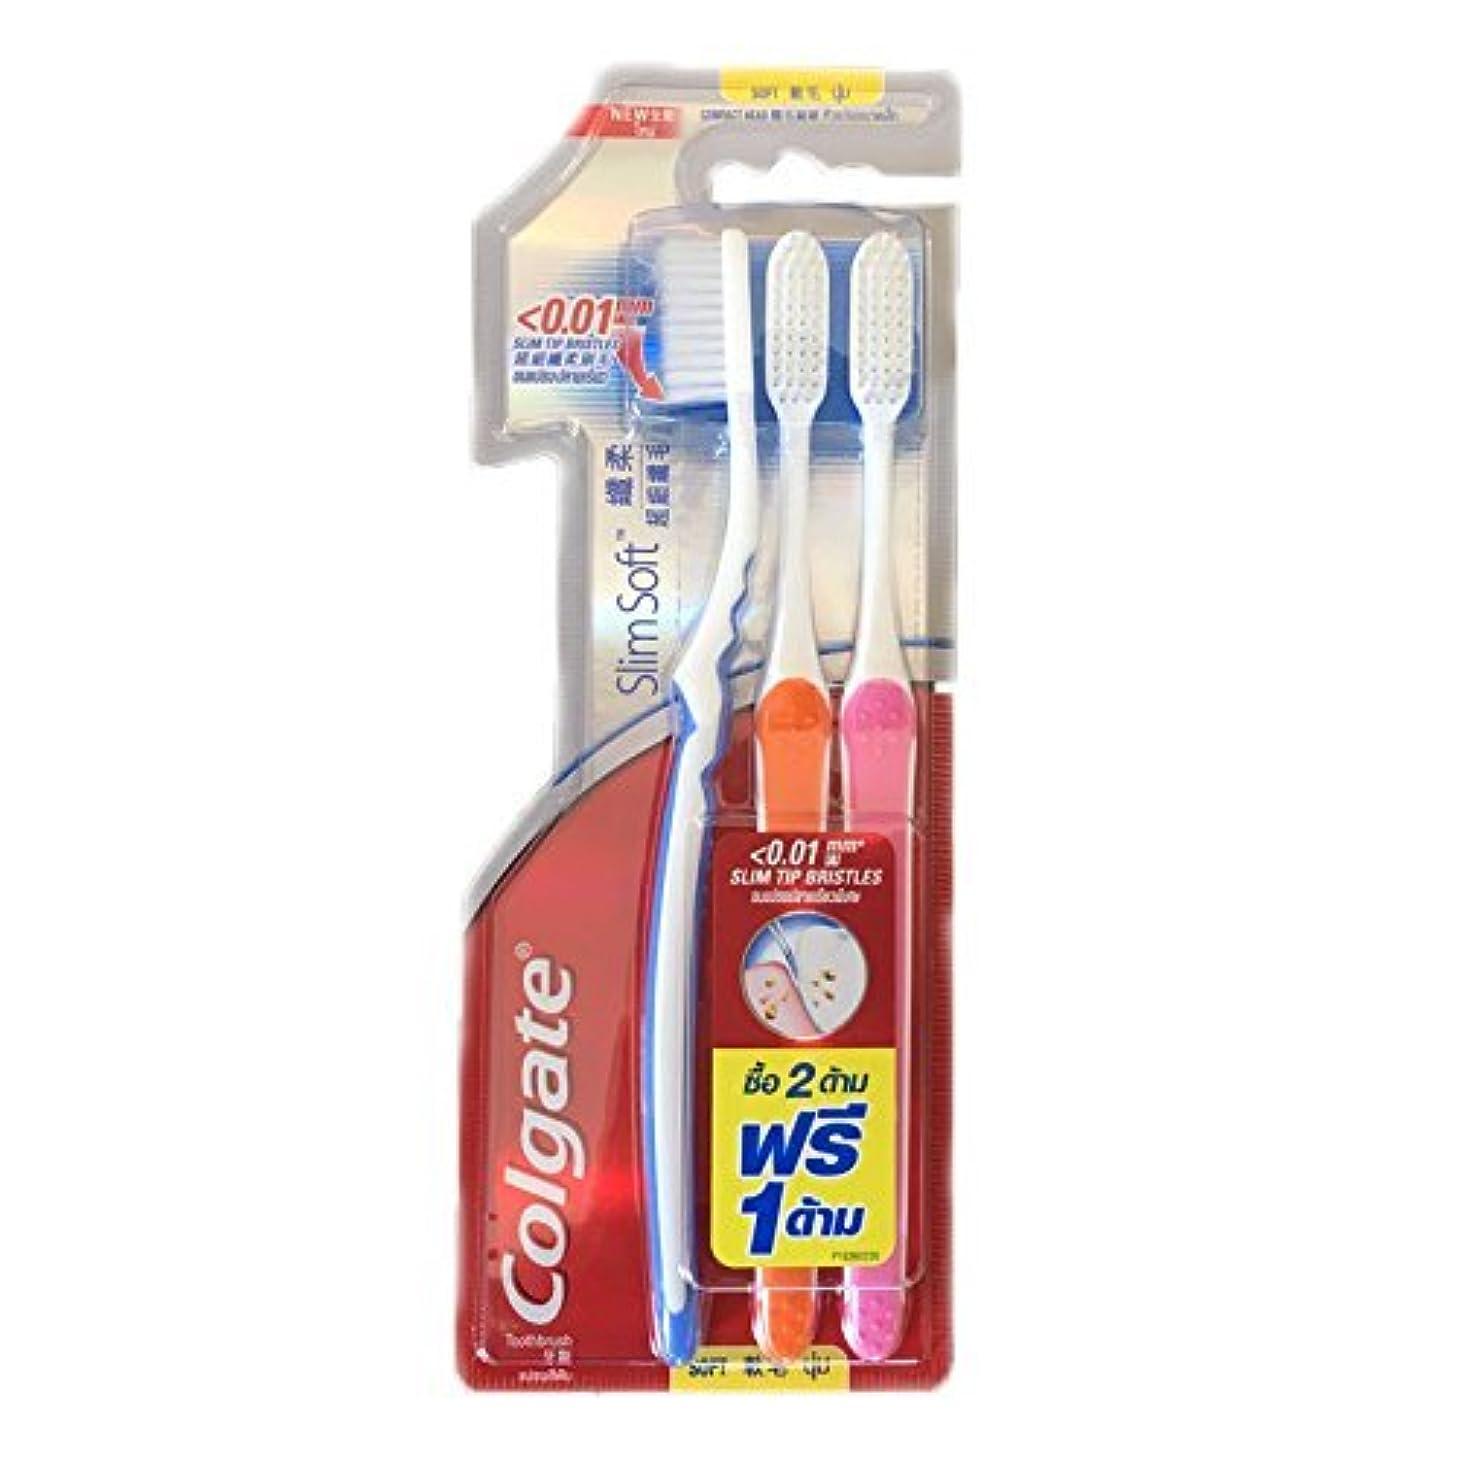 学習気まぐれな腐敗したColgate Compact Soft   Slim Soft Toothbrush, Family Pack (3 Bristles) by BeautyBreeze